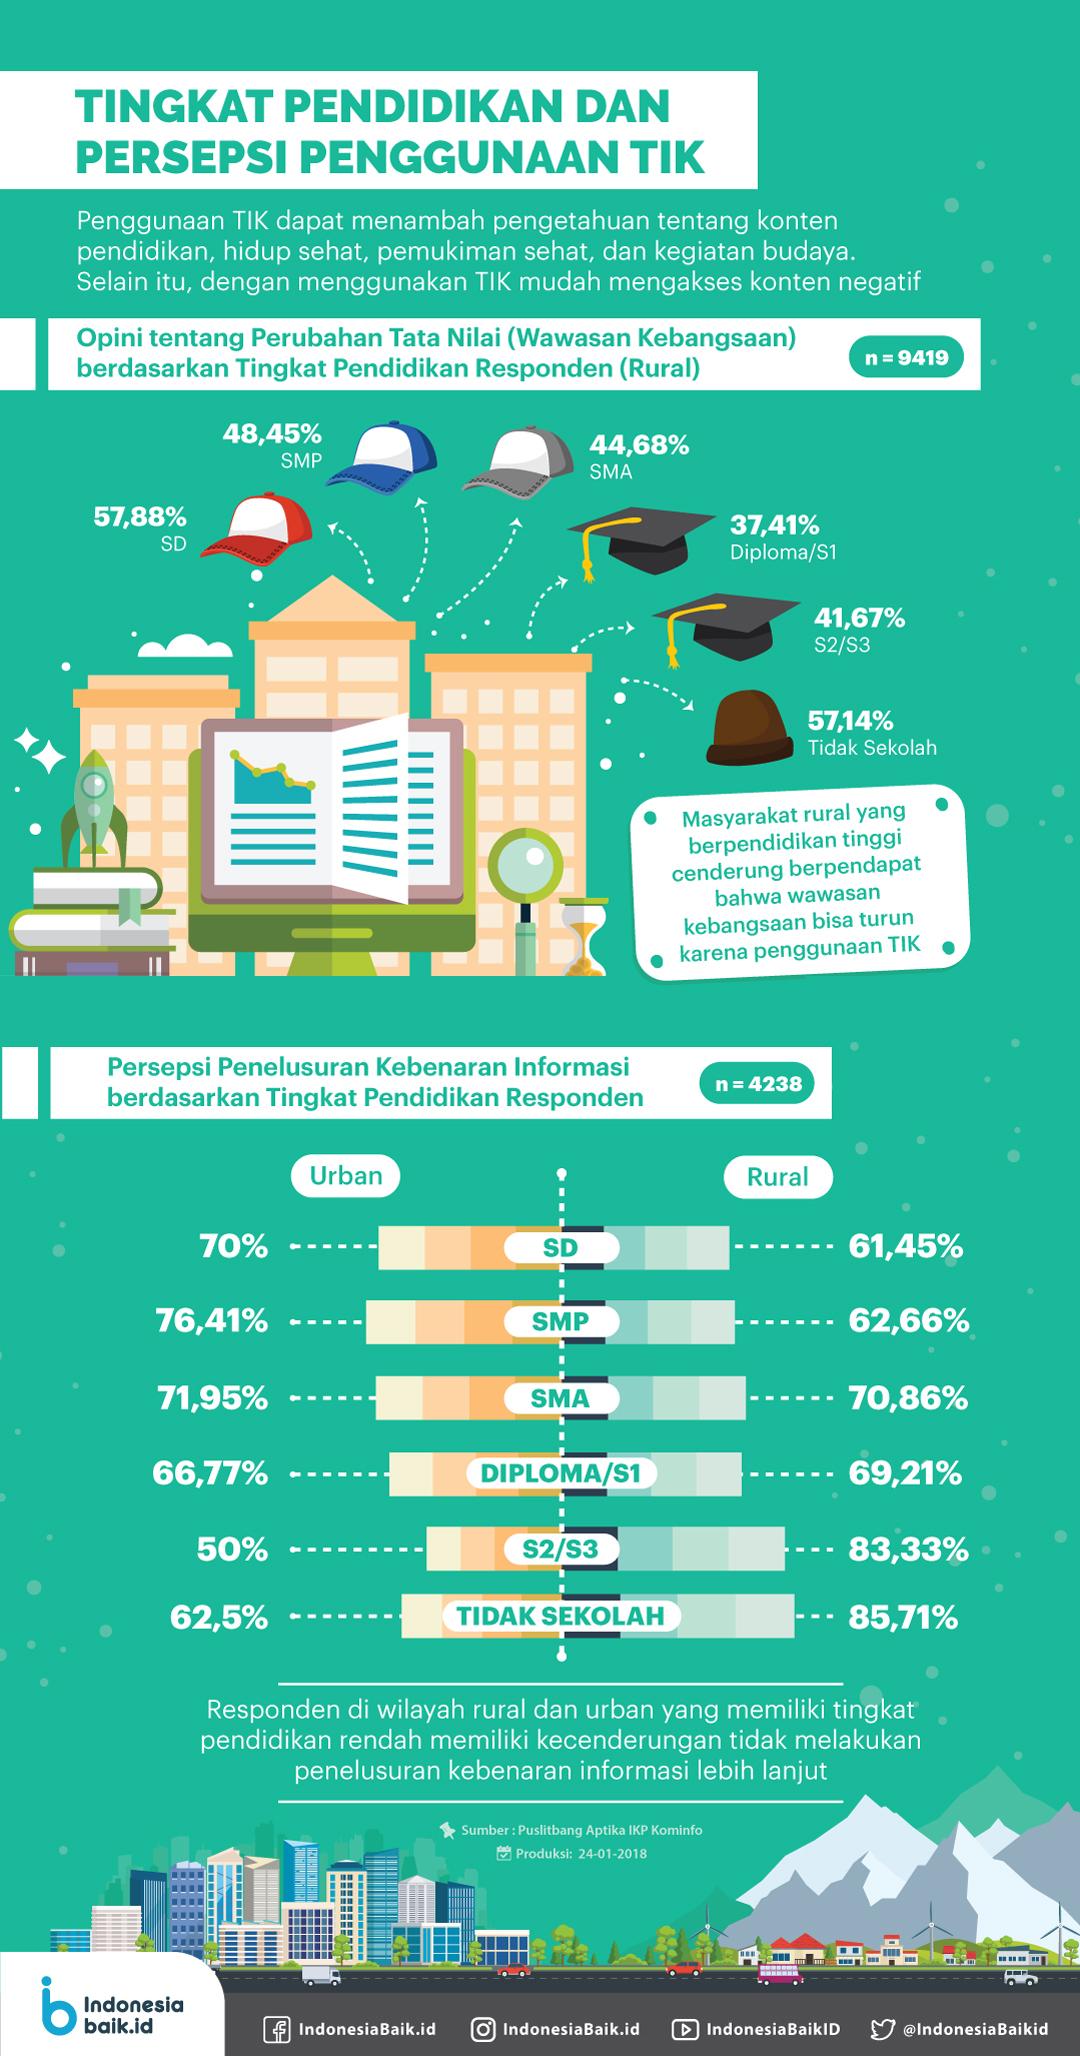 Tingkat Pendidikan dan Persepsi Penggunaan TIK #23